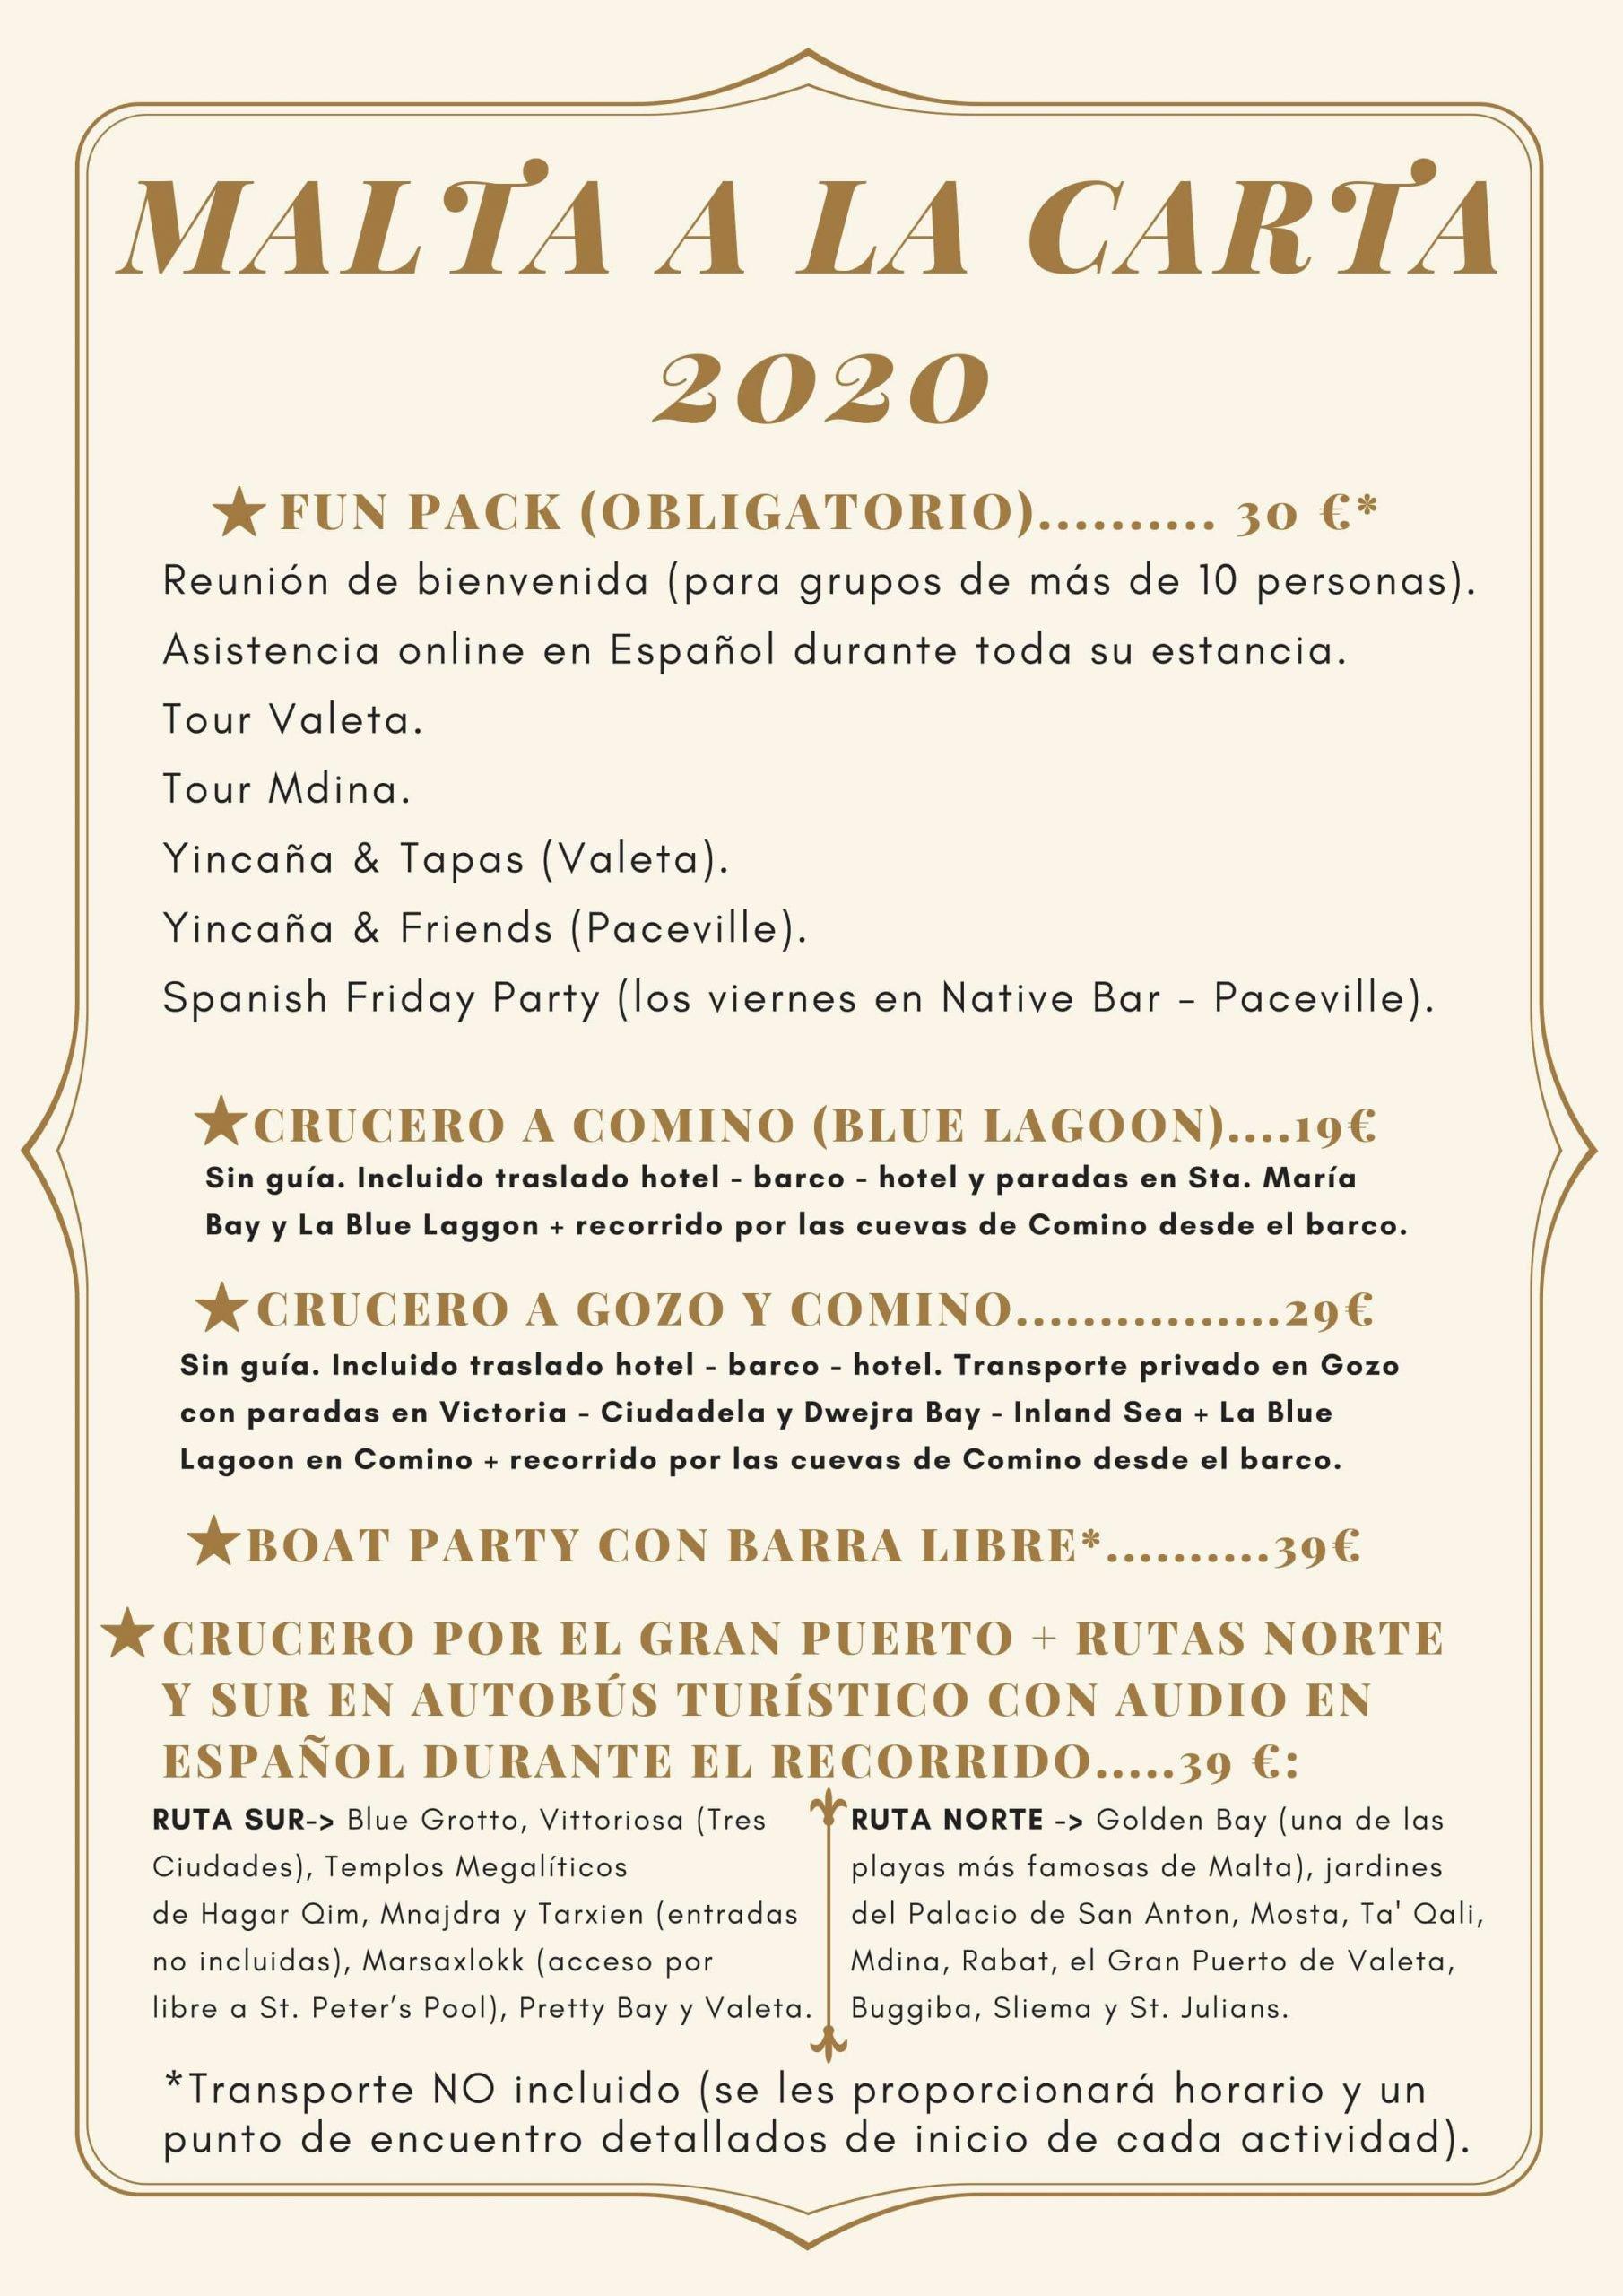 viajes a malta 2020